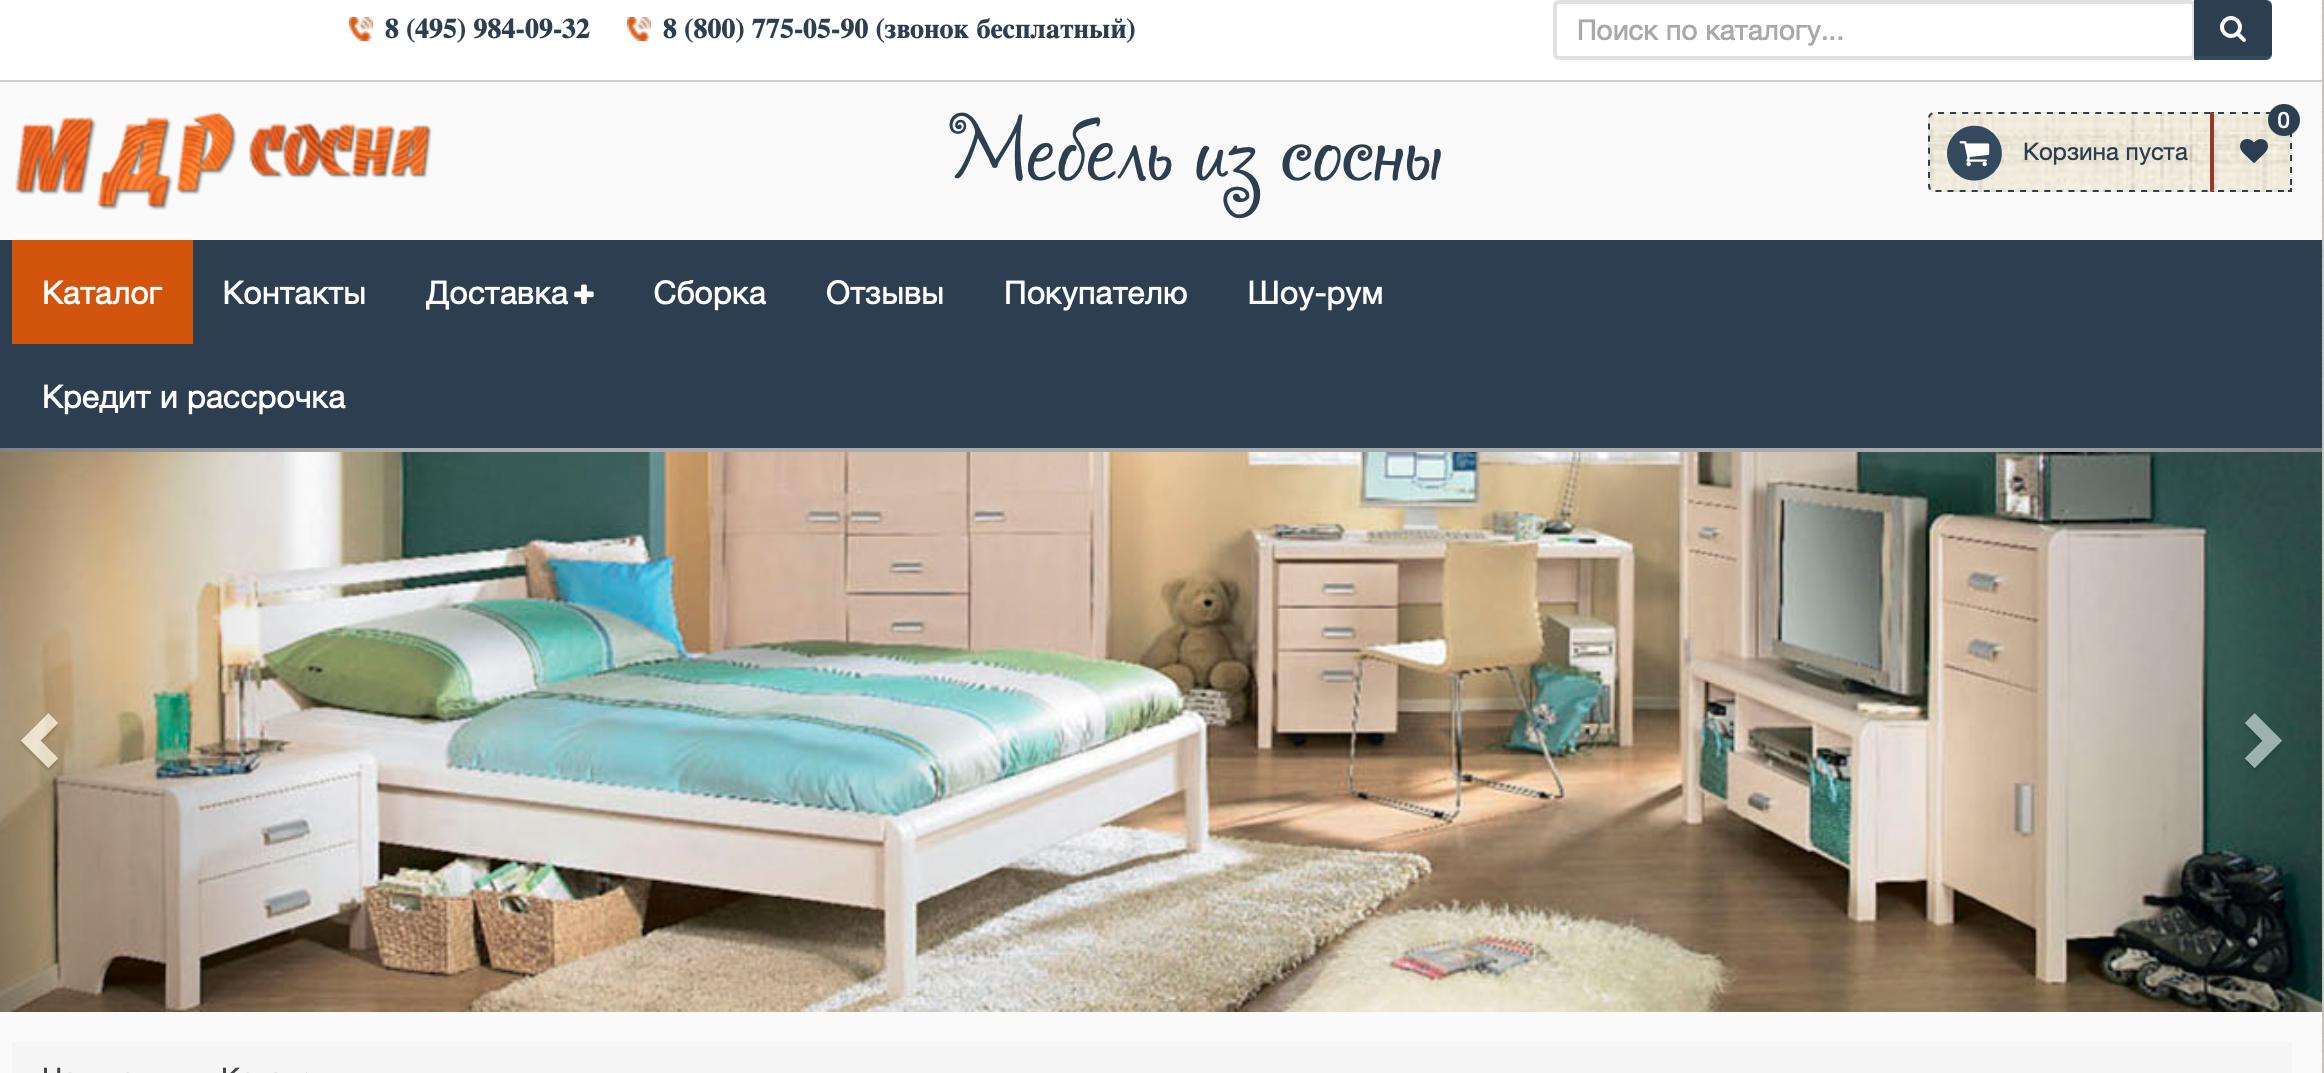 Мебель из сосны: преимущества на mdr-sosna.ru